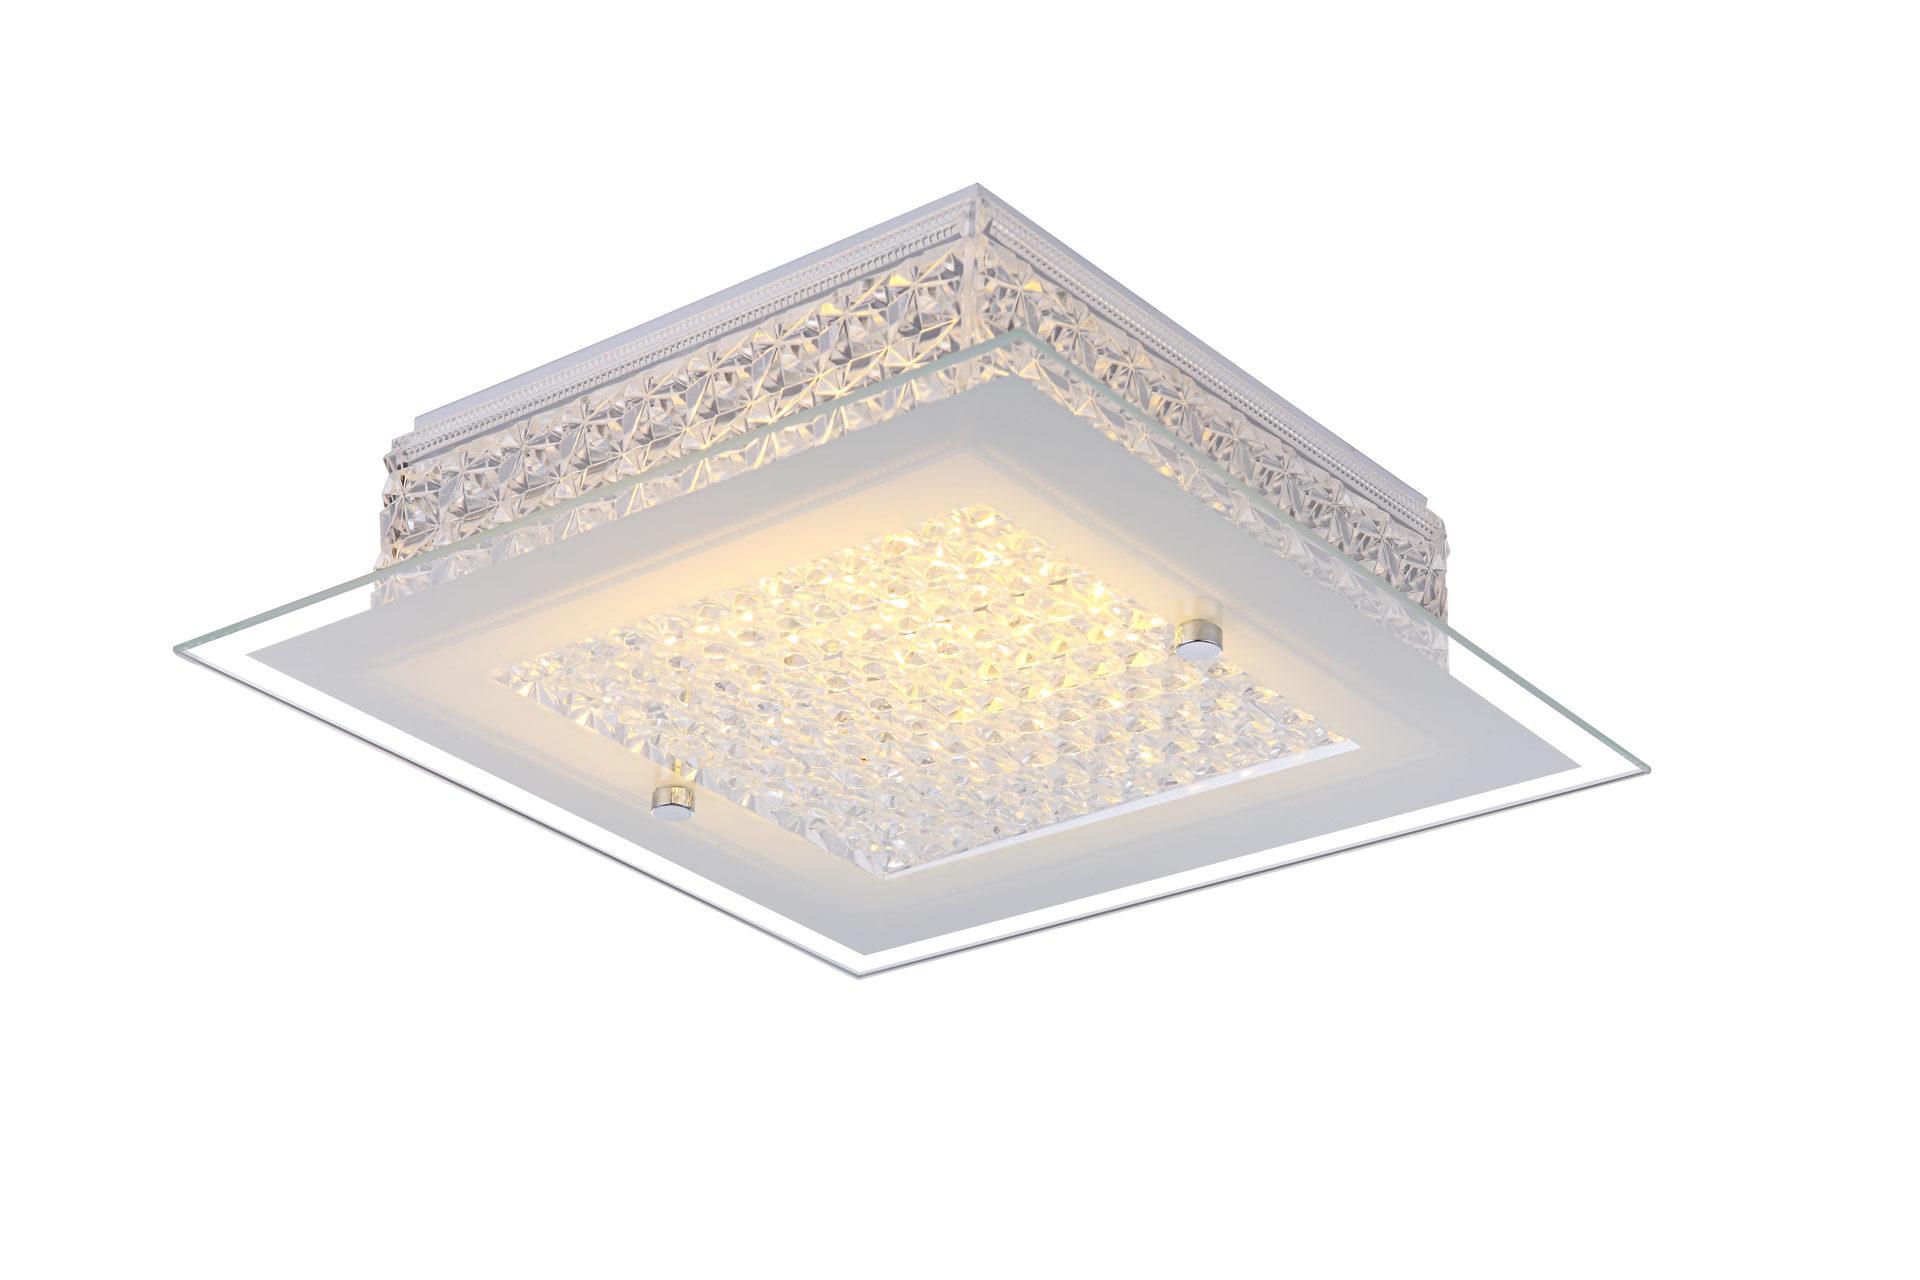 Trop Möbelabholmarkt GmbH, Räume, Schlafzimmer, Lampen + Leuchten,  Deckenleuchte, Deckenleuchte, 1 Flg. Chrom, Weiß